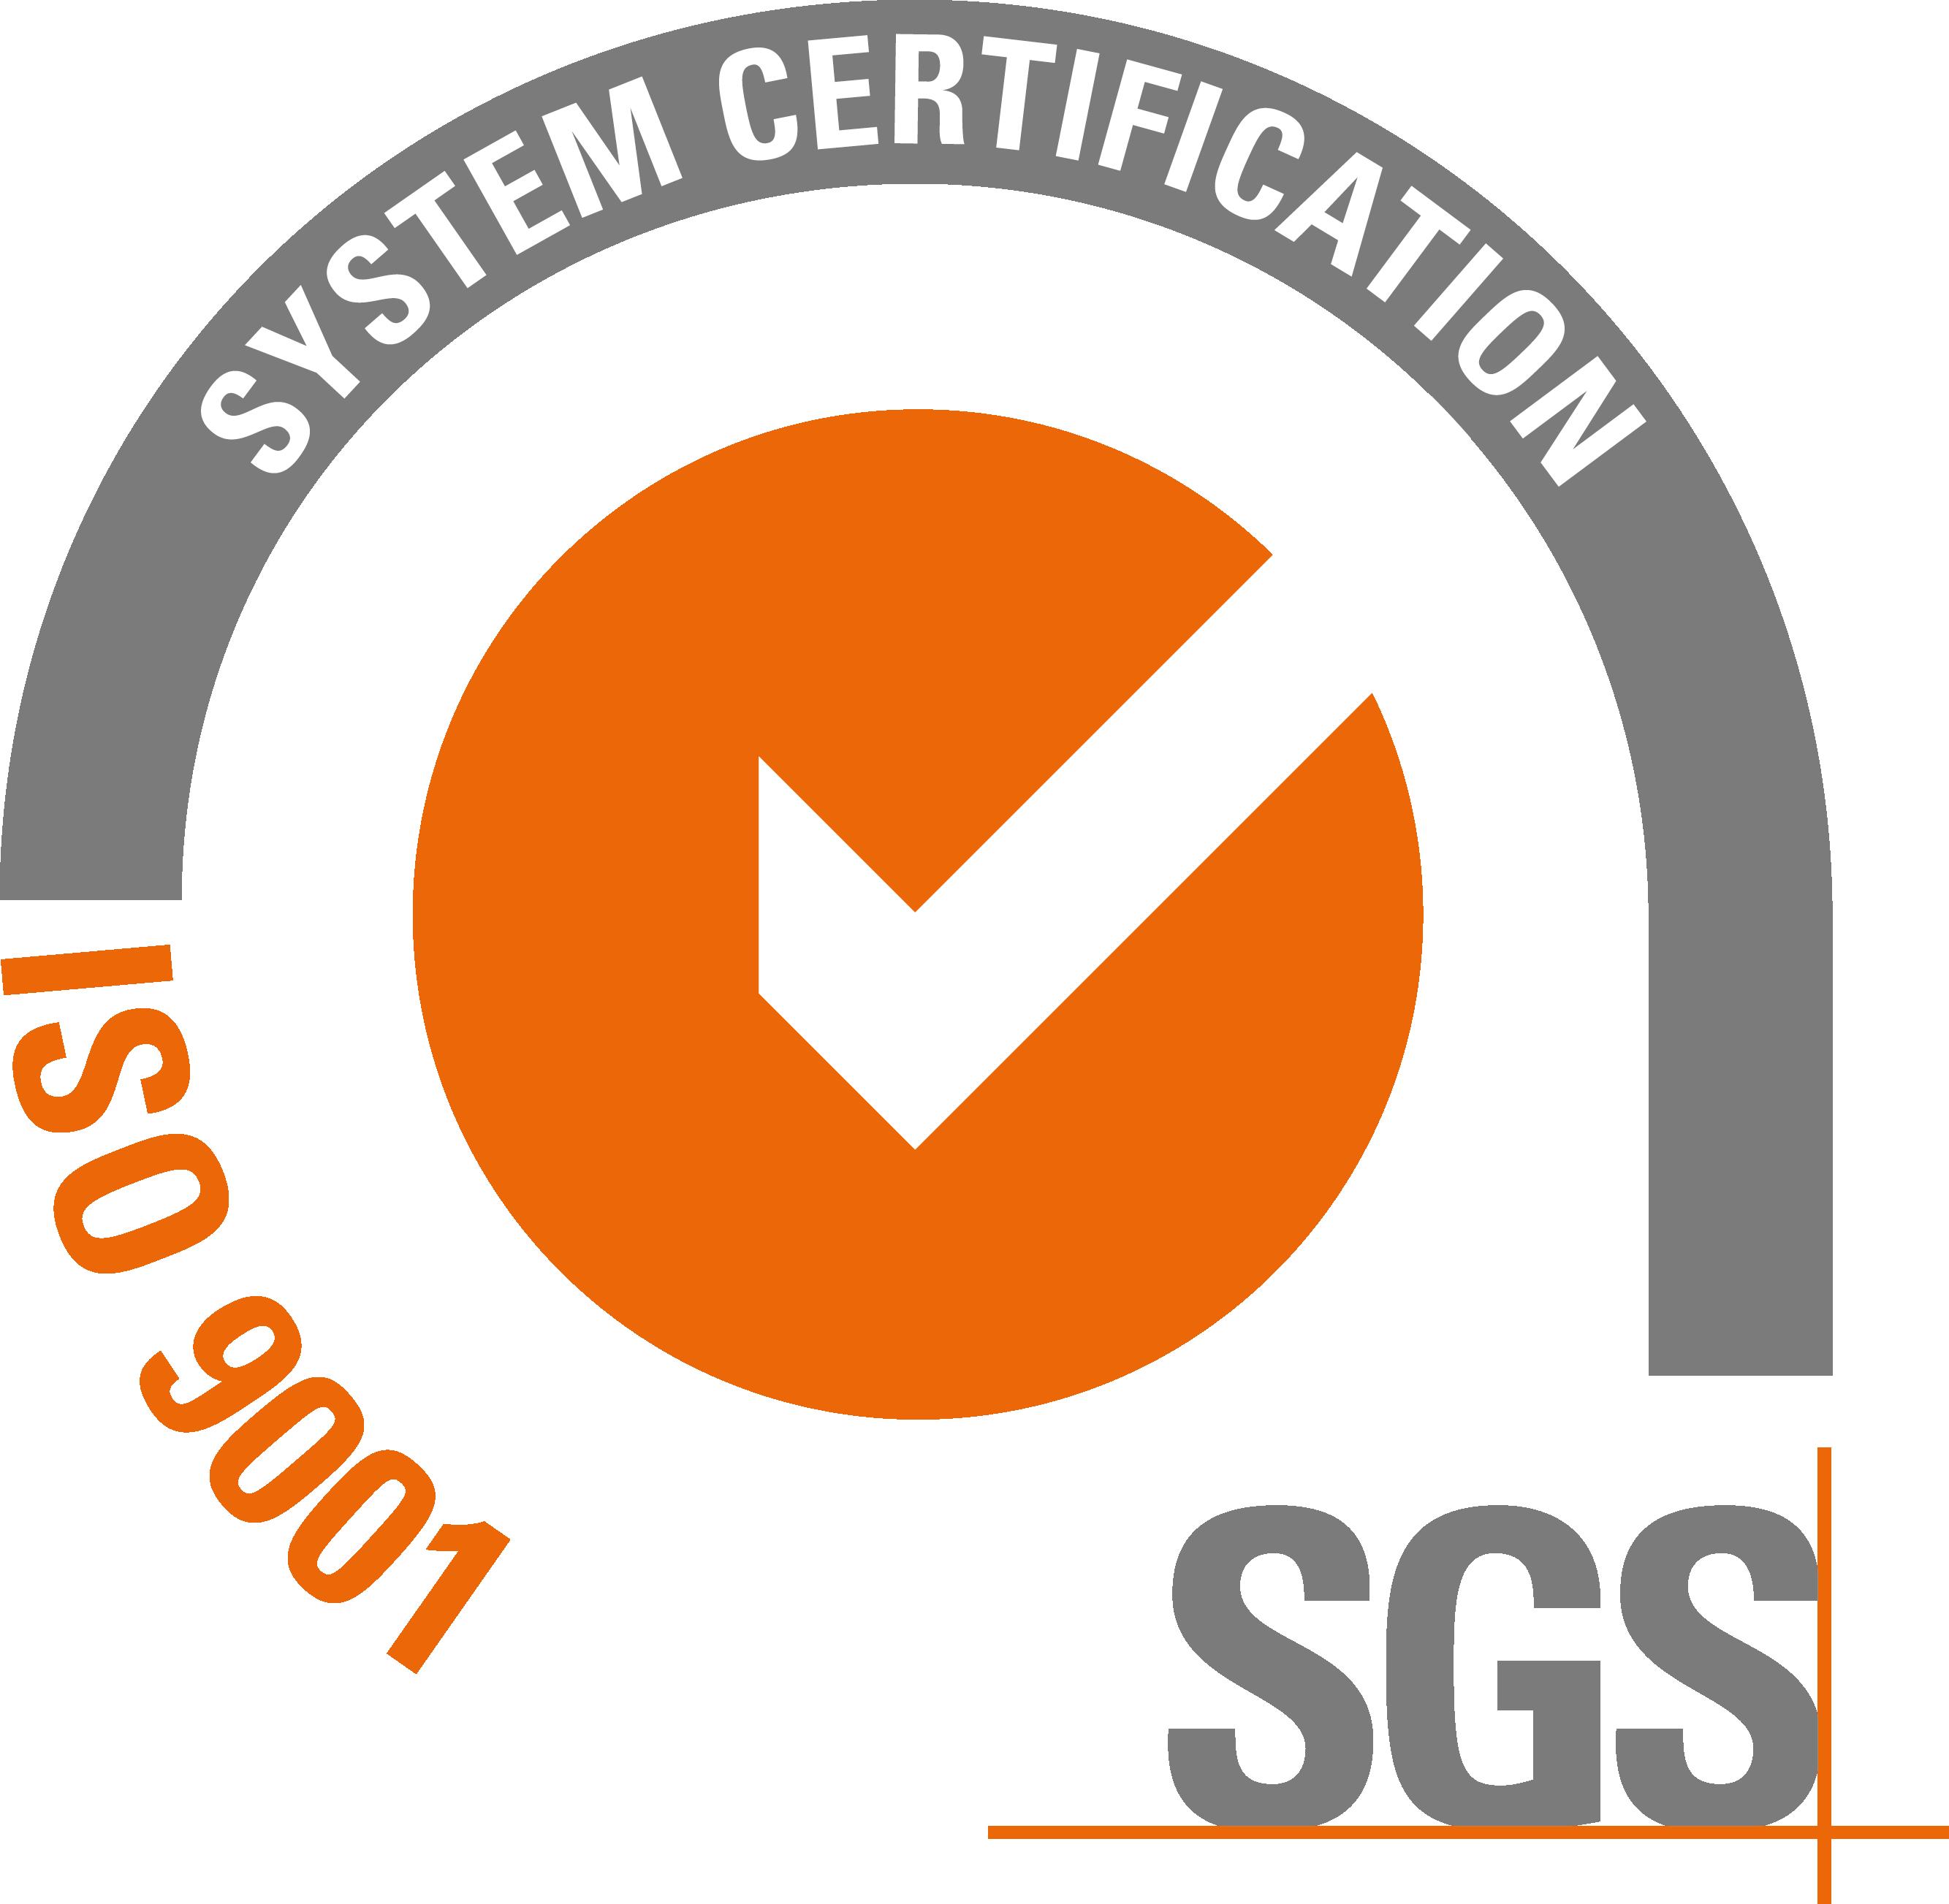 El Laboratorio del IMOMA obtiene la certificación ISO 9001:2015